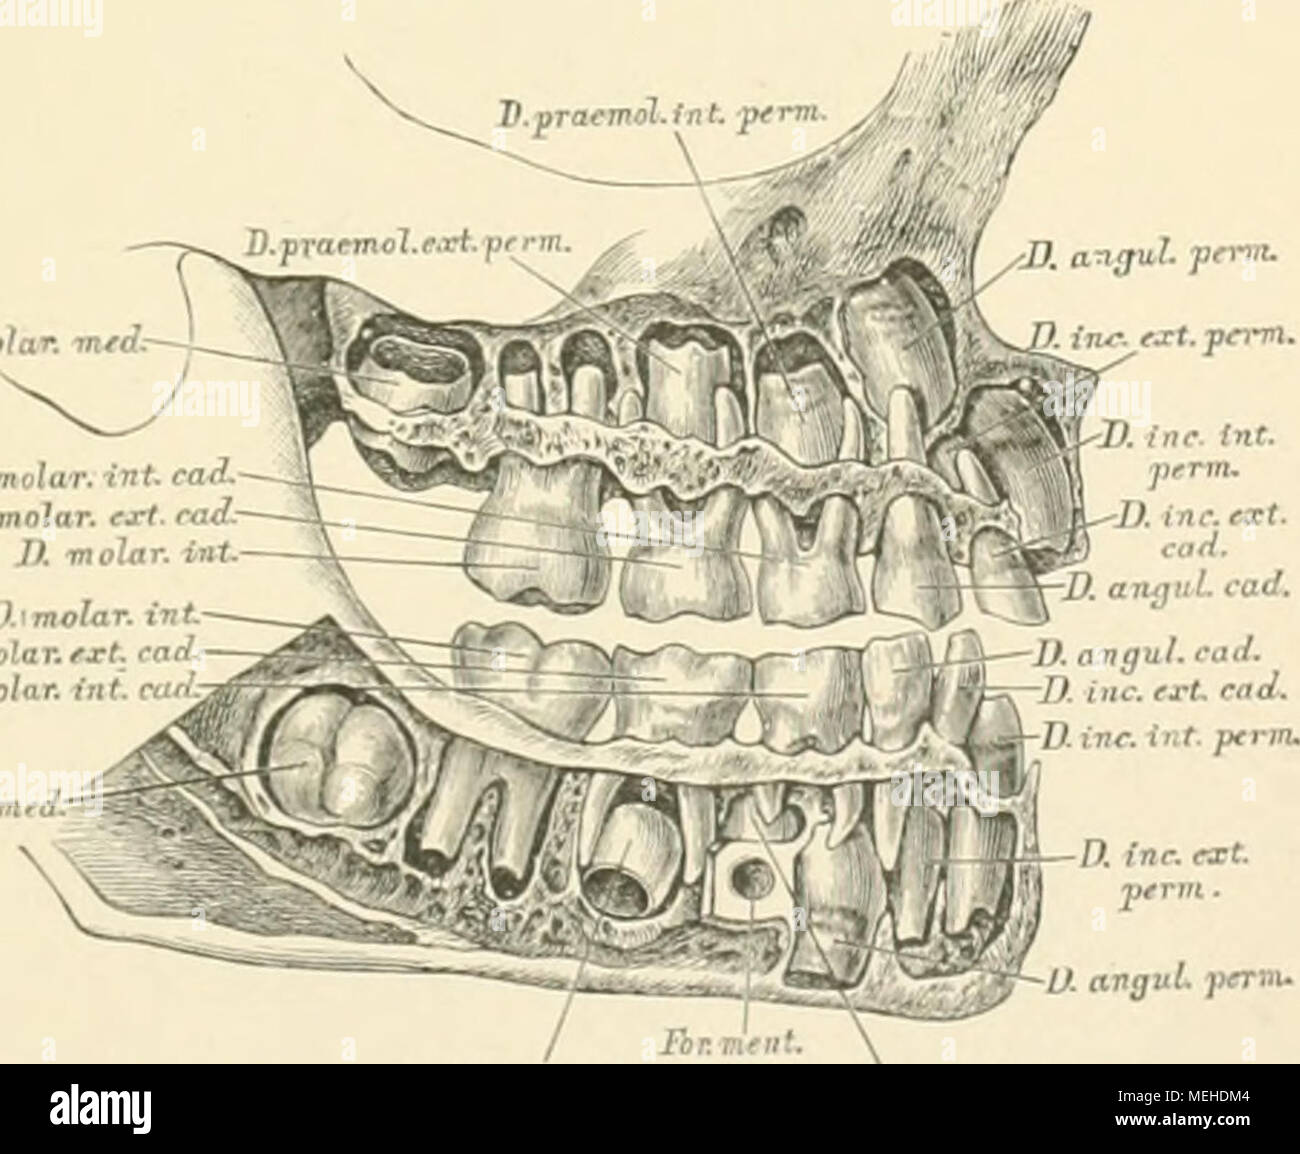 Tolle Zahnanatomie Prämolaren Ideen - Menschliche Anatomie Bilder ...